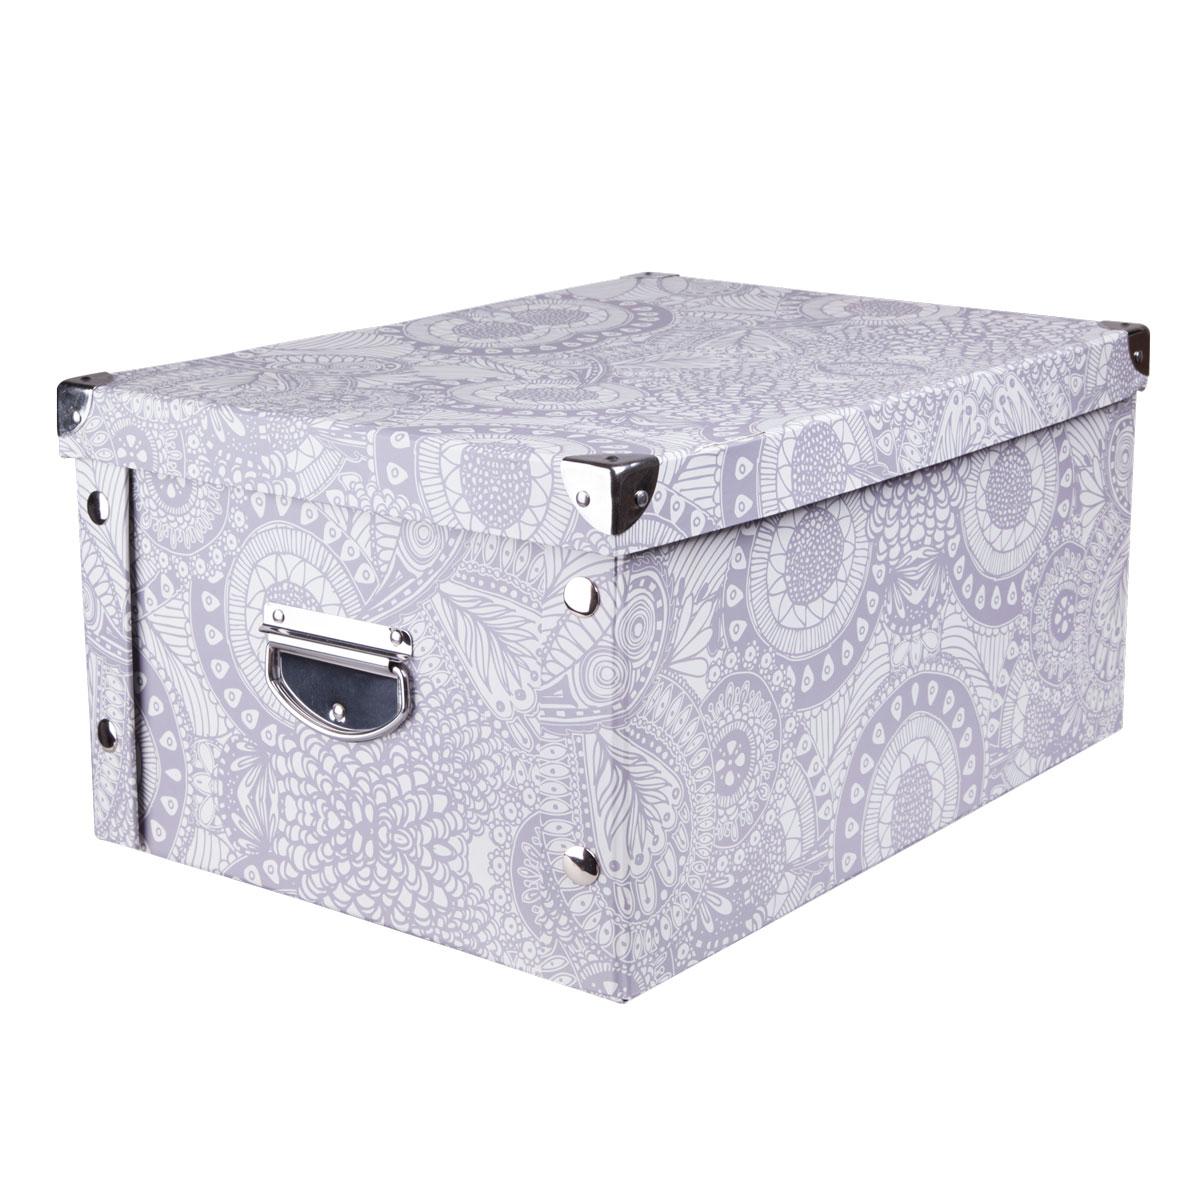 Коробка для хранения Miolla, 30 х 20 х 15 см. CFB-01370574Коробка для хранения Miolla прекрасно подойдет для хранения бытовых мелочей, документов, аксессуаров для рукоделия и других мелких предметов. Коробка поставляется в разобранном виде, легко и быстро складывается. Плотная крышка и удобные для переноски металлические ручки станут приятным дополнением к функциональным достоинствам коробки. Удобная крышка не даст ни одной вещи потеряться, а оптимальный размер подойдет для любого шкафа или полки.Компактная, но при этом вместительная коробка для хранения станет яркой нотой в вашем интерьере.